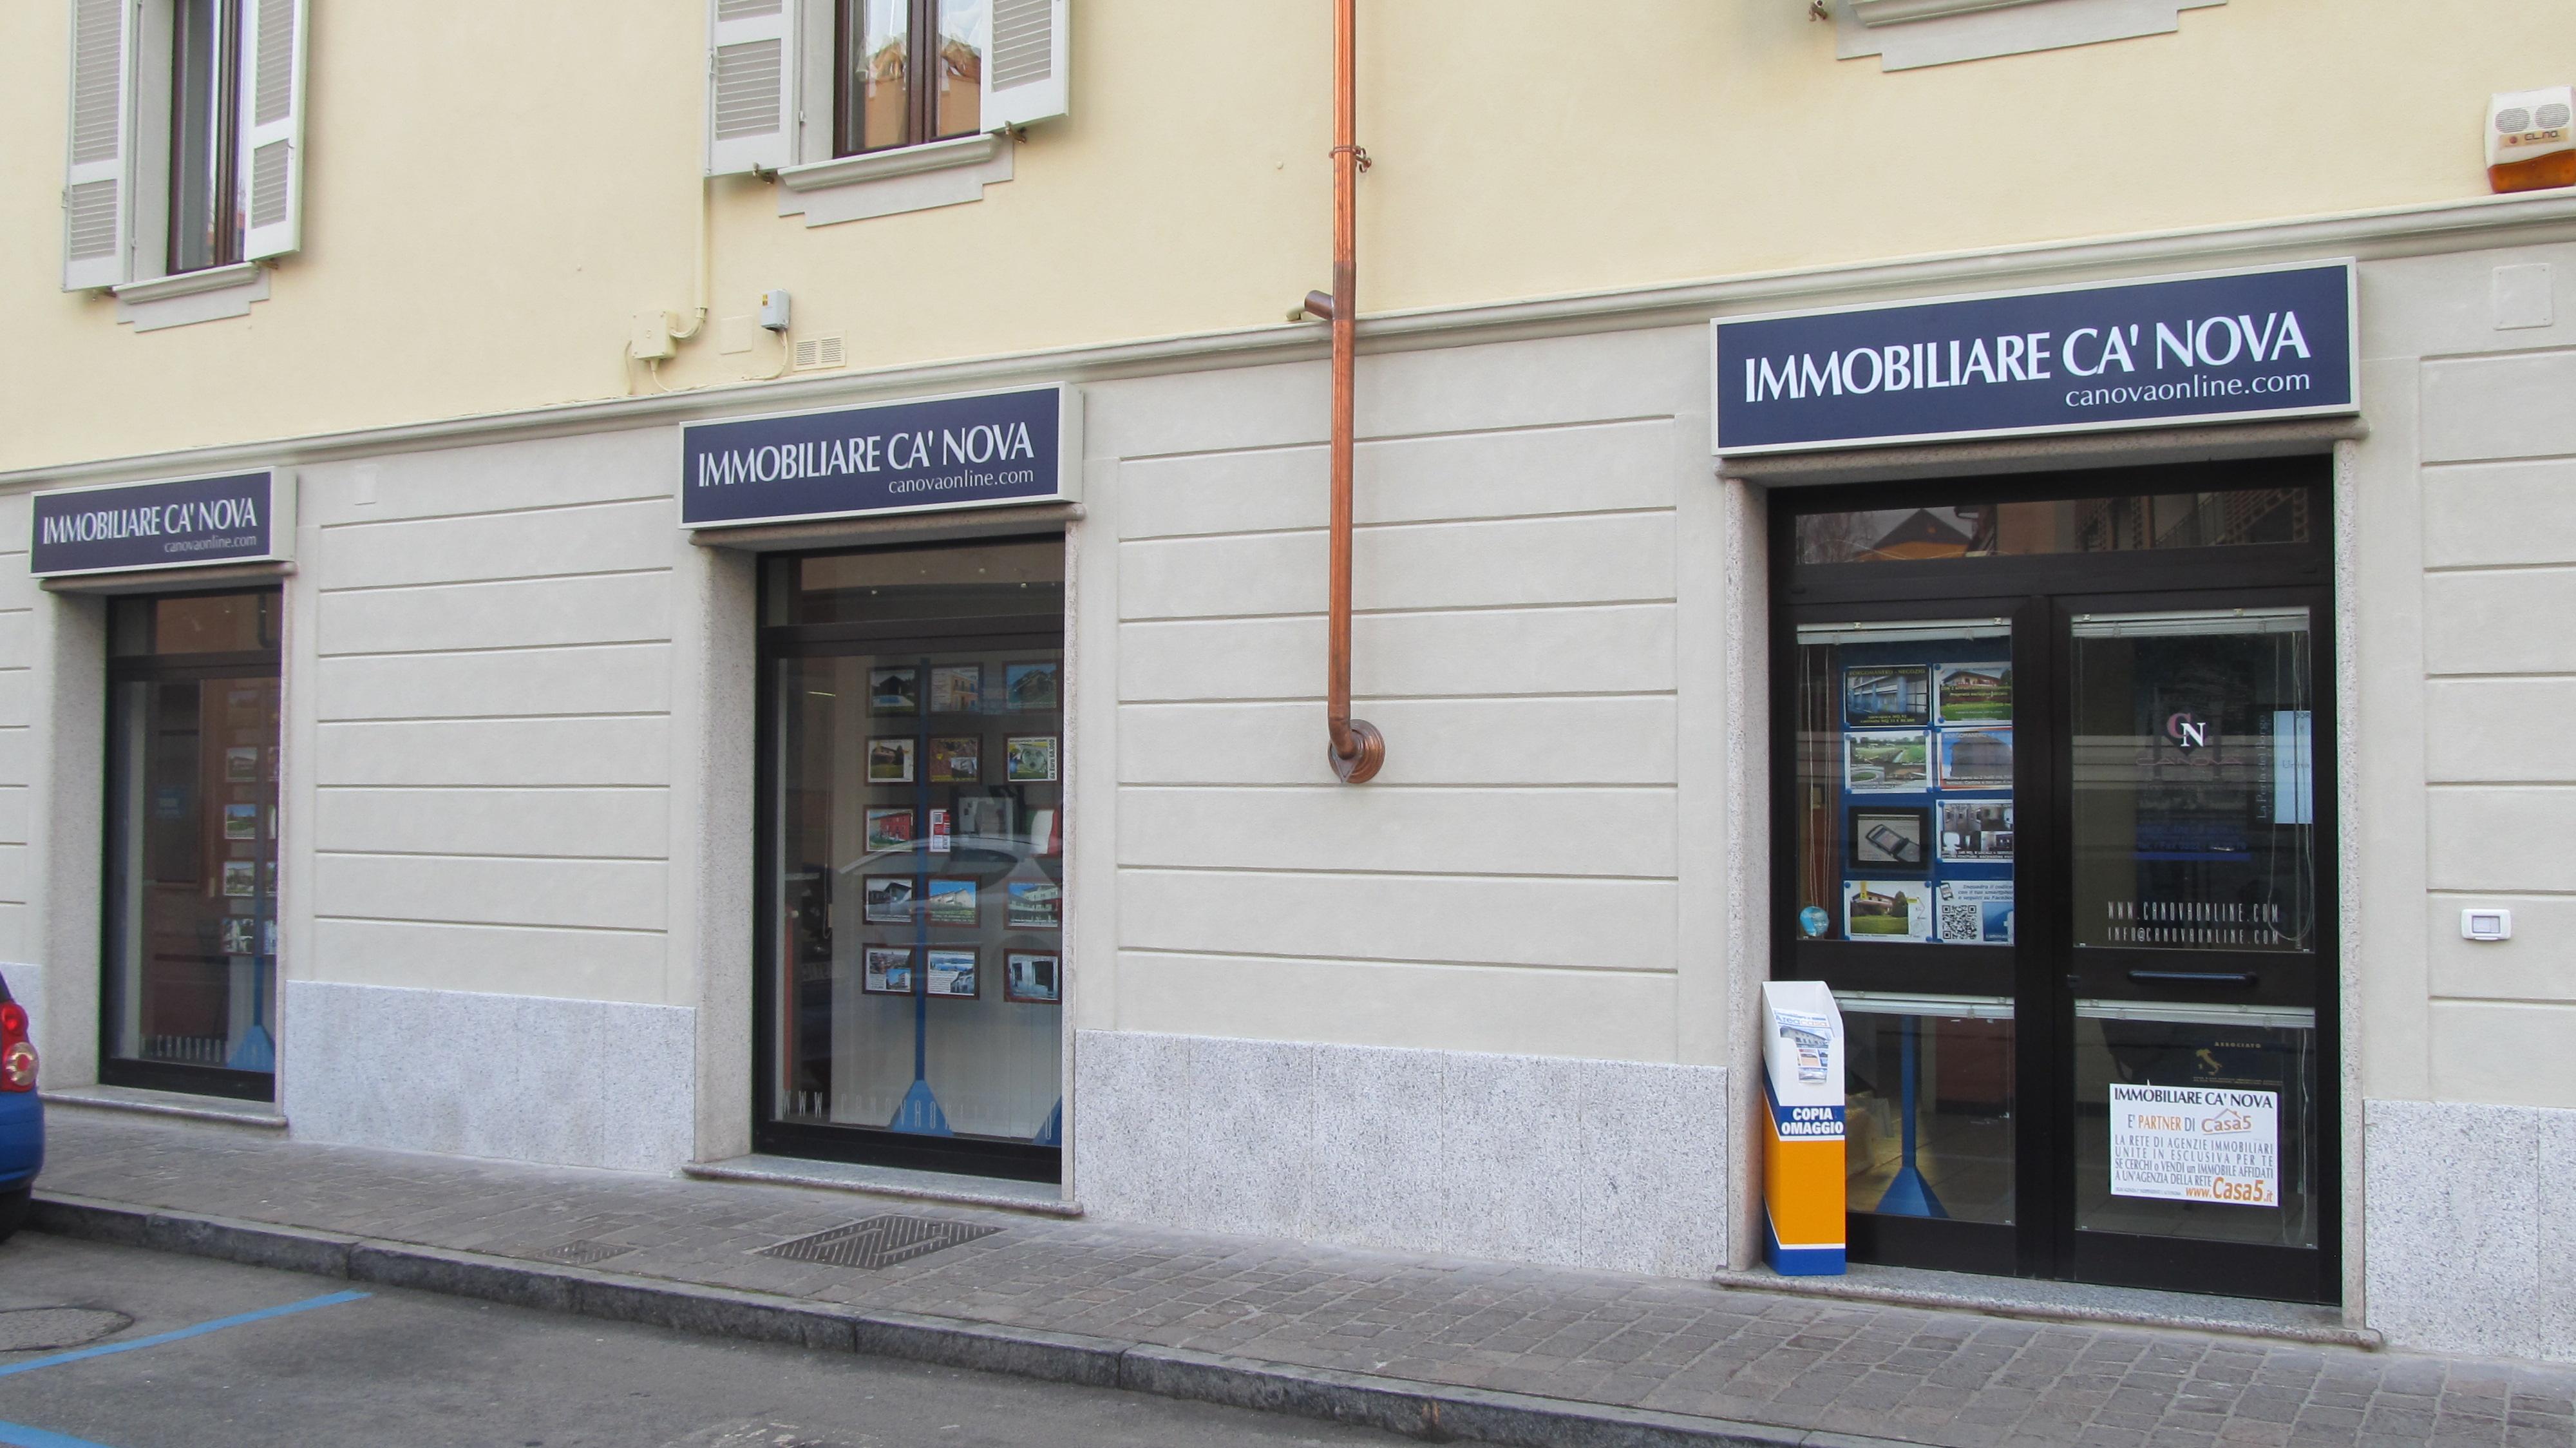 Immobiliare Ca' Nova - Agenzia immobiliare in provincia di Novara